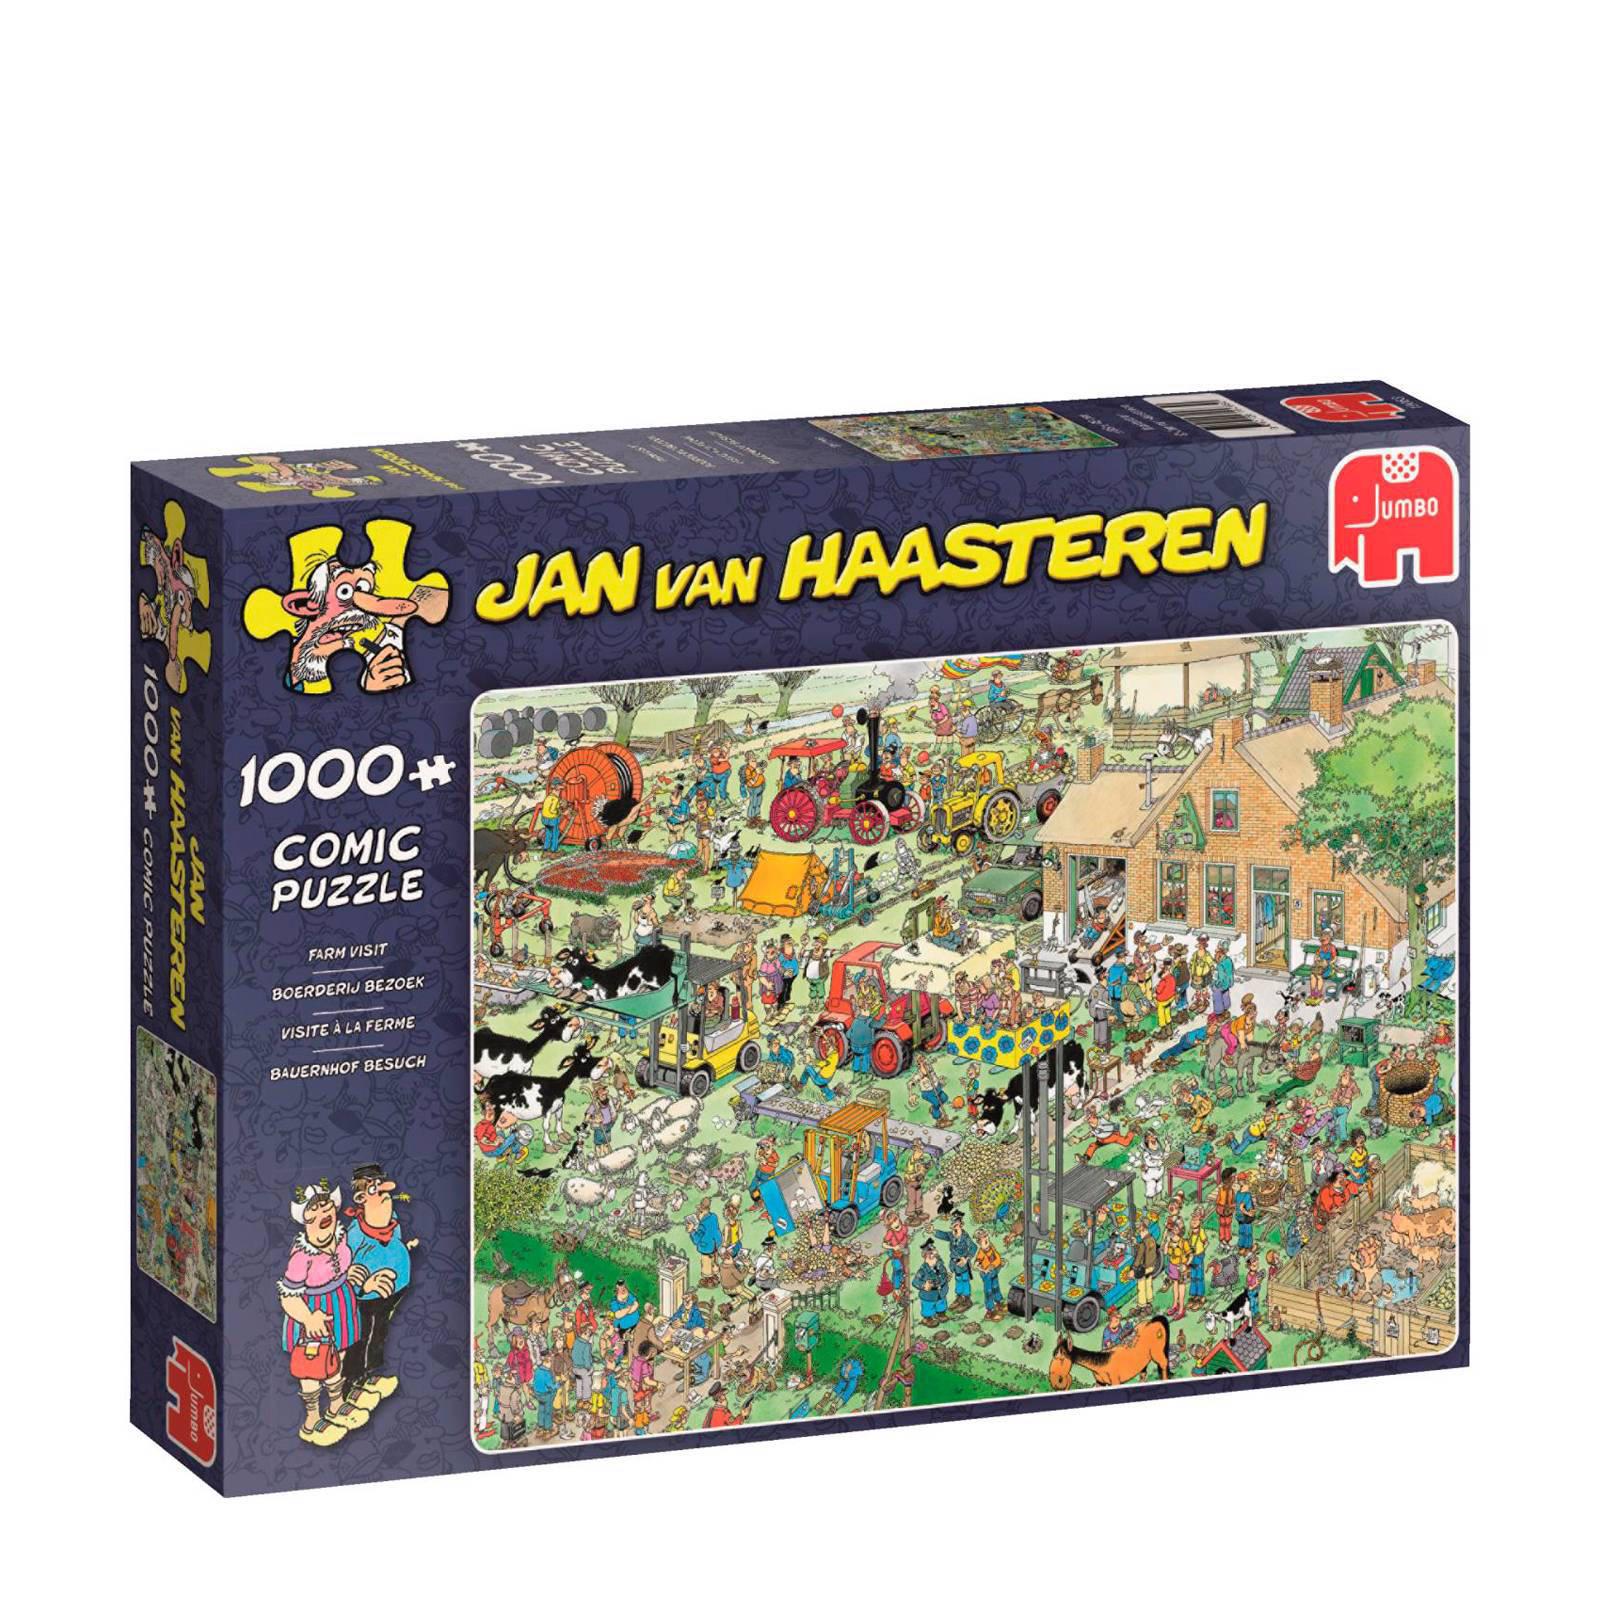 Jumbo  Jan van Haasteren BoerderijBezoek legpuzzel 1000 stukjes